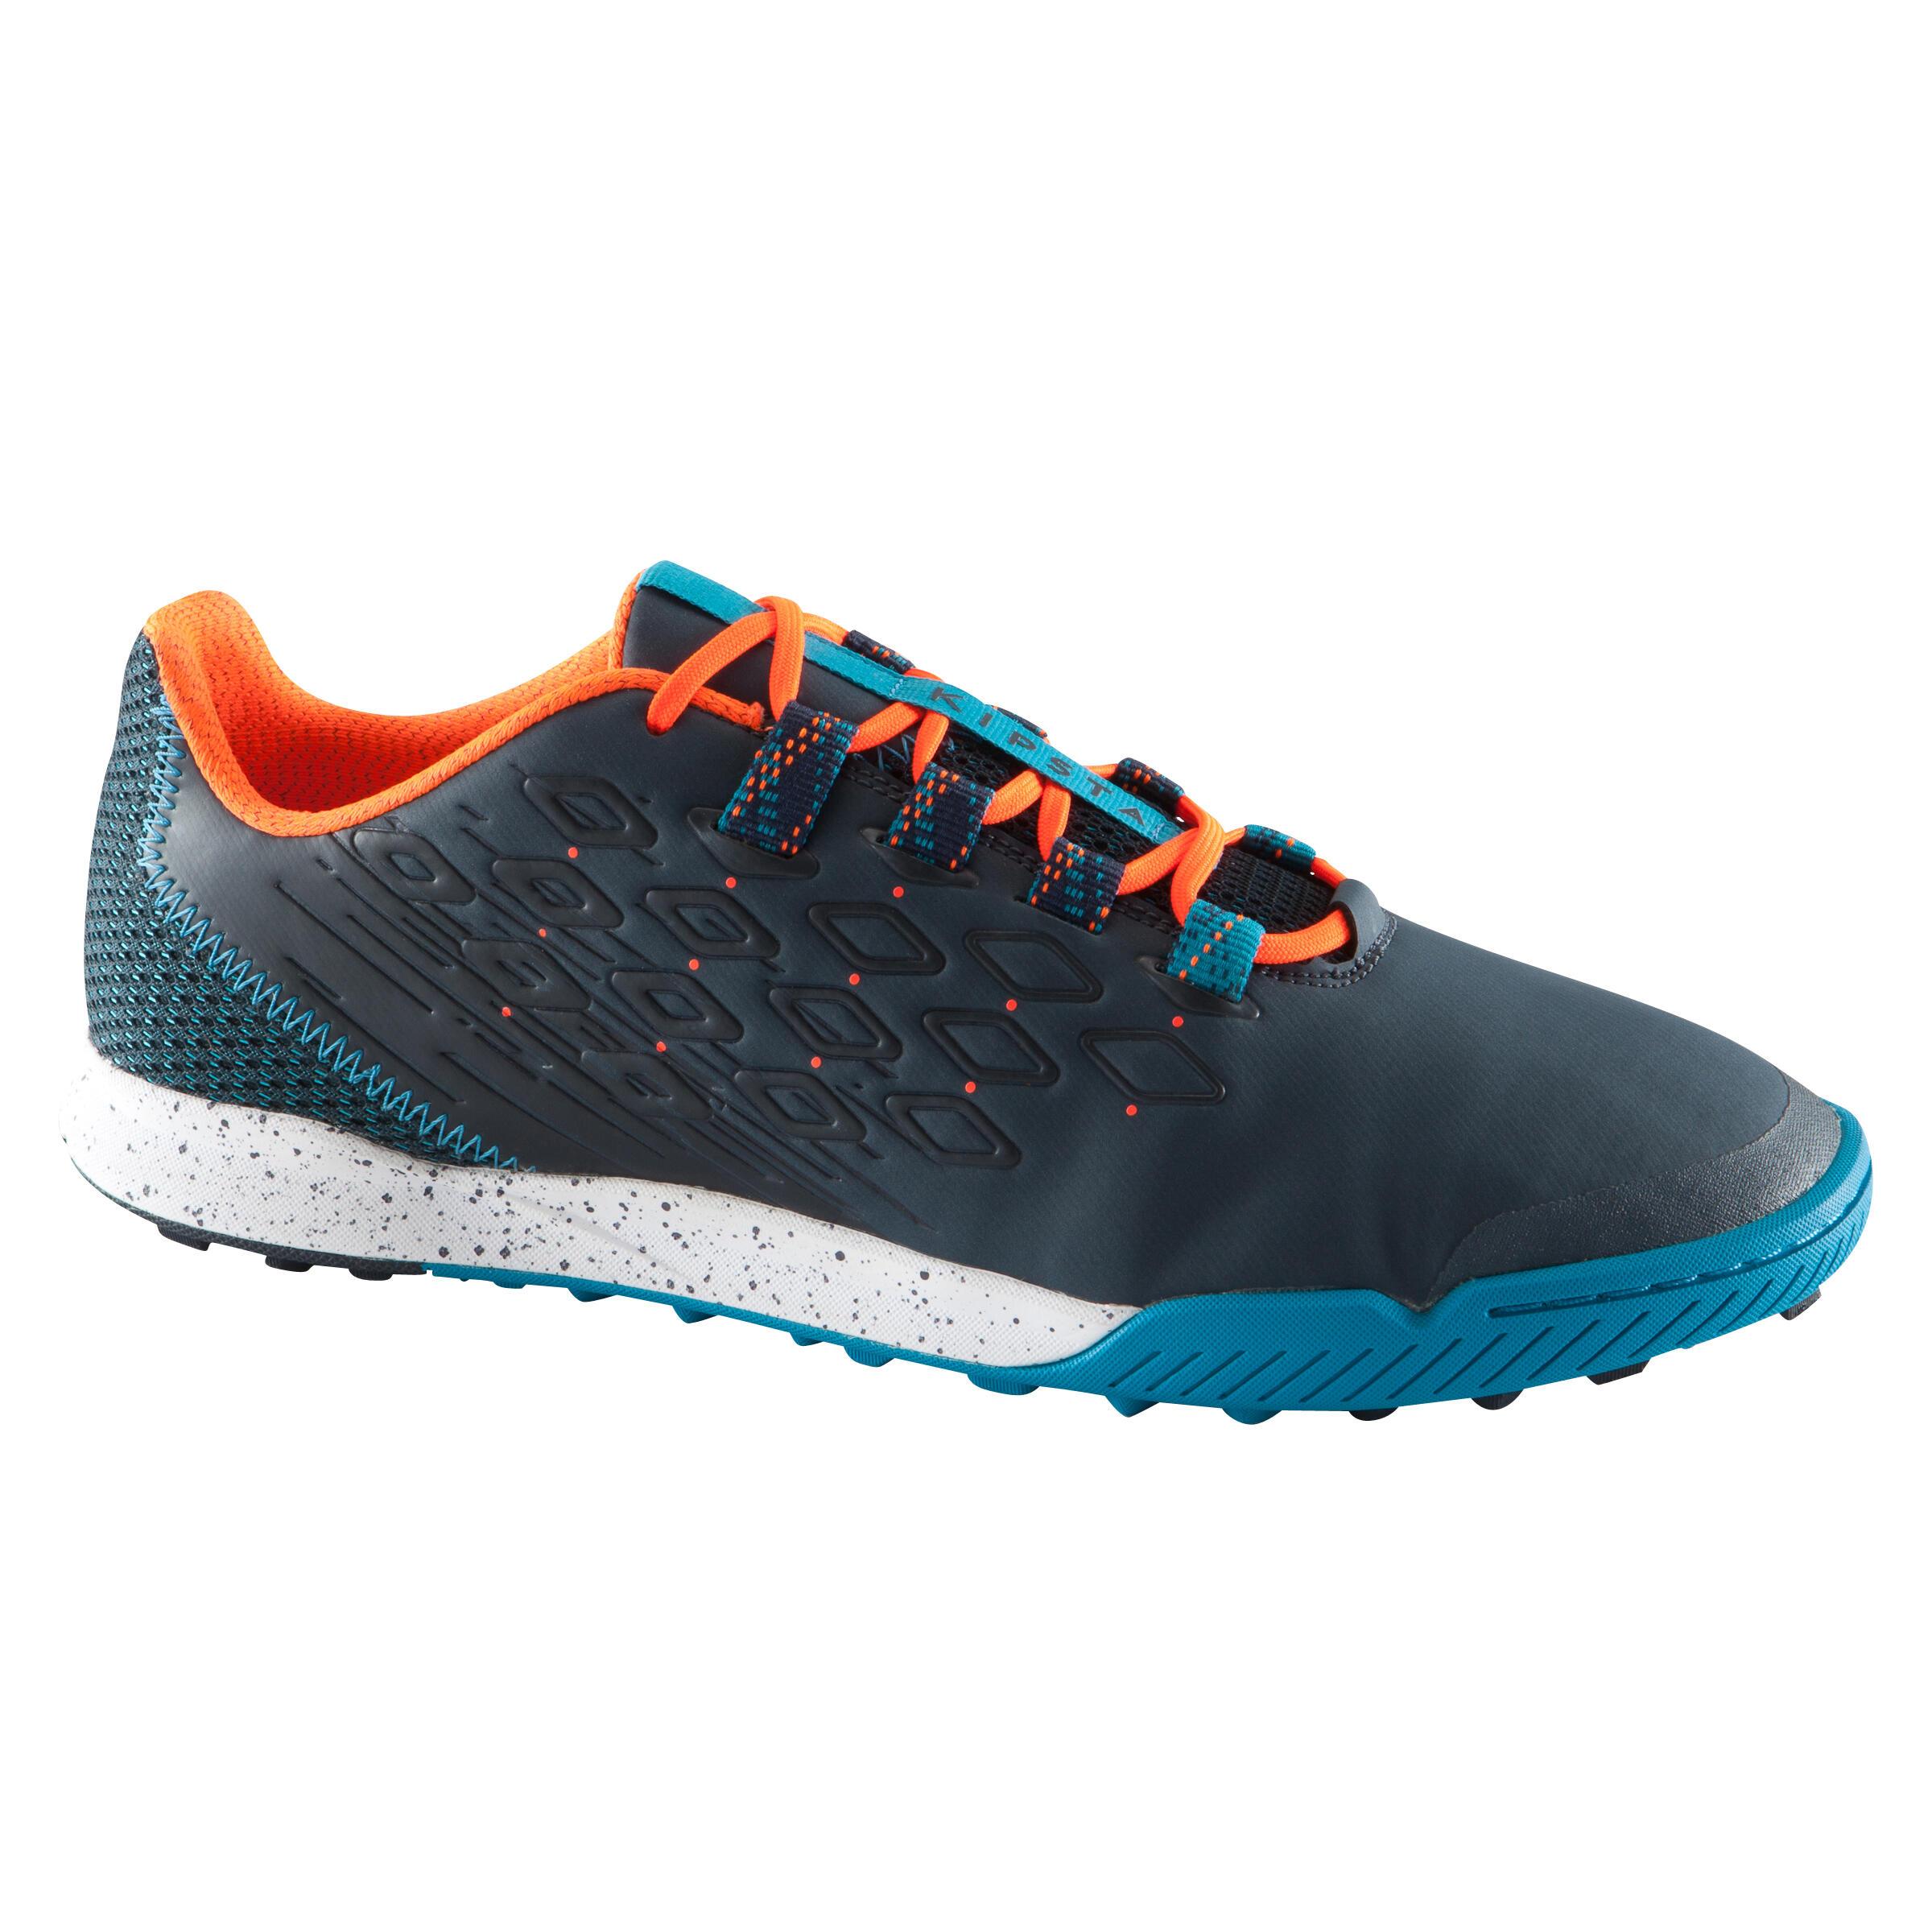 Chaussure de soccer adulte terrains durs Fifter 900 HG bleue orange